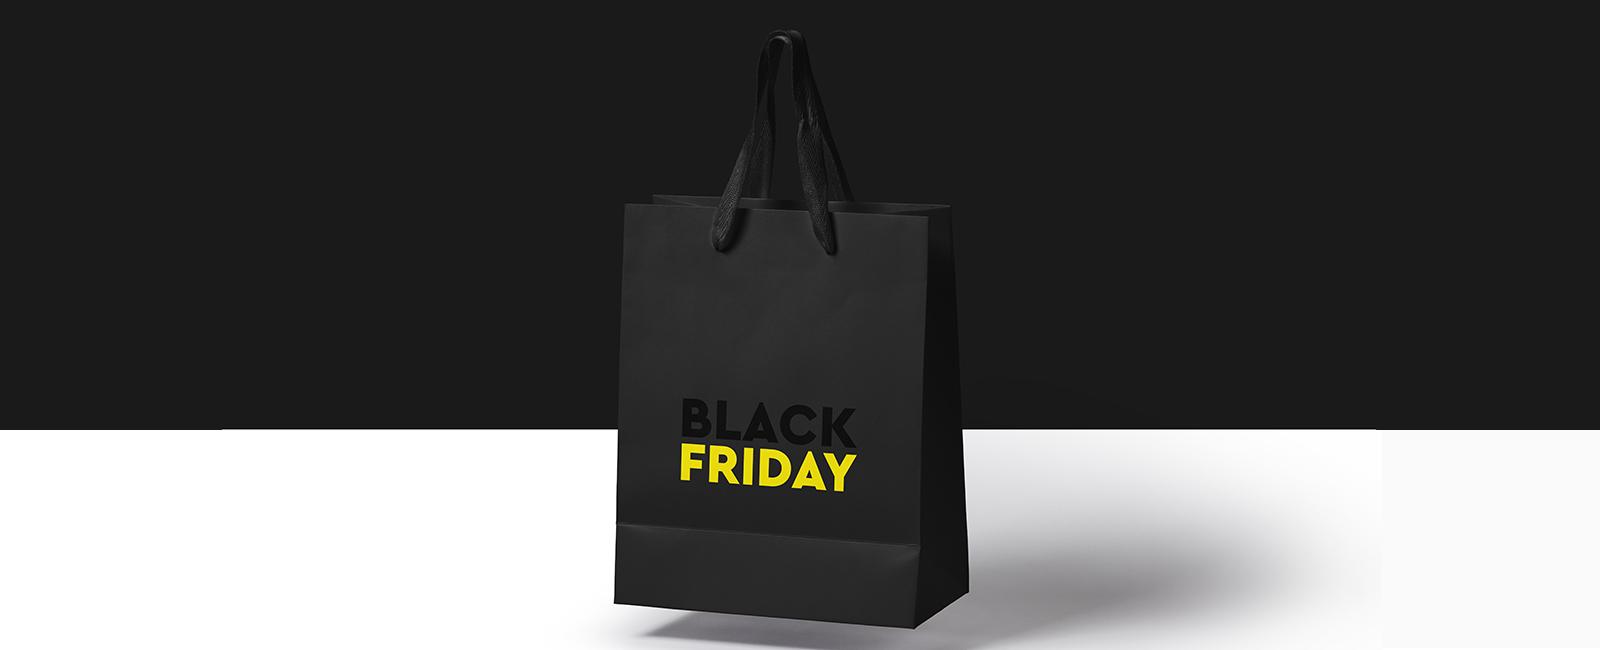 Black Friday 2019 – Já criou a sua campanha?